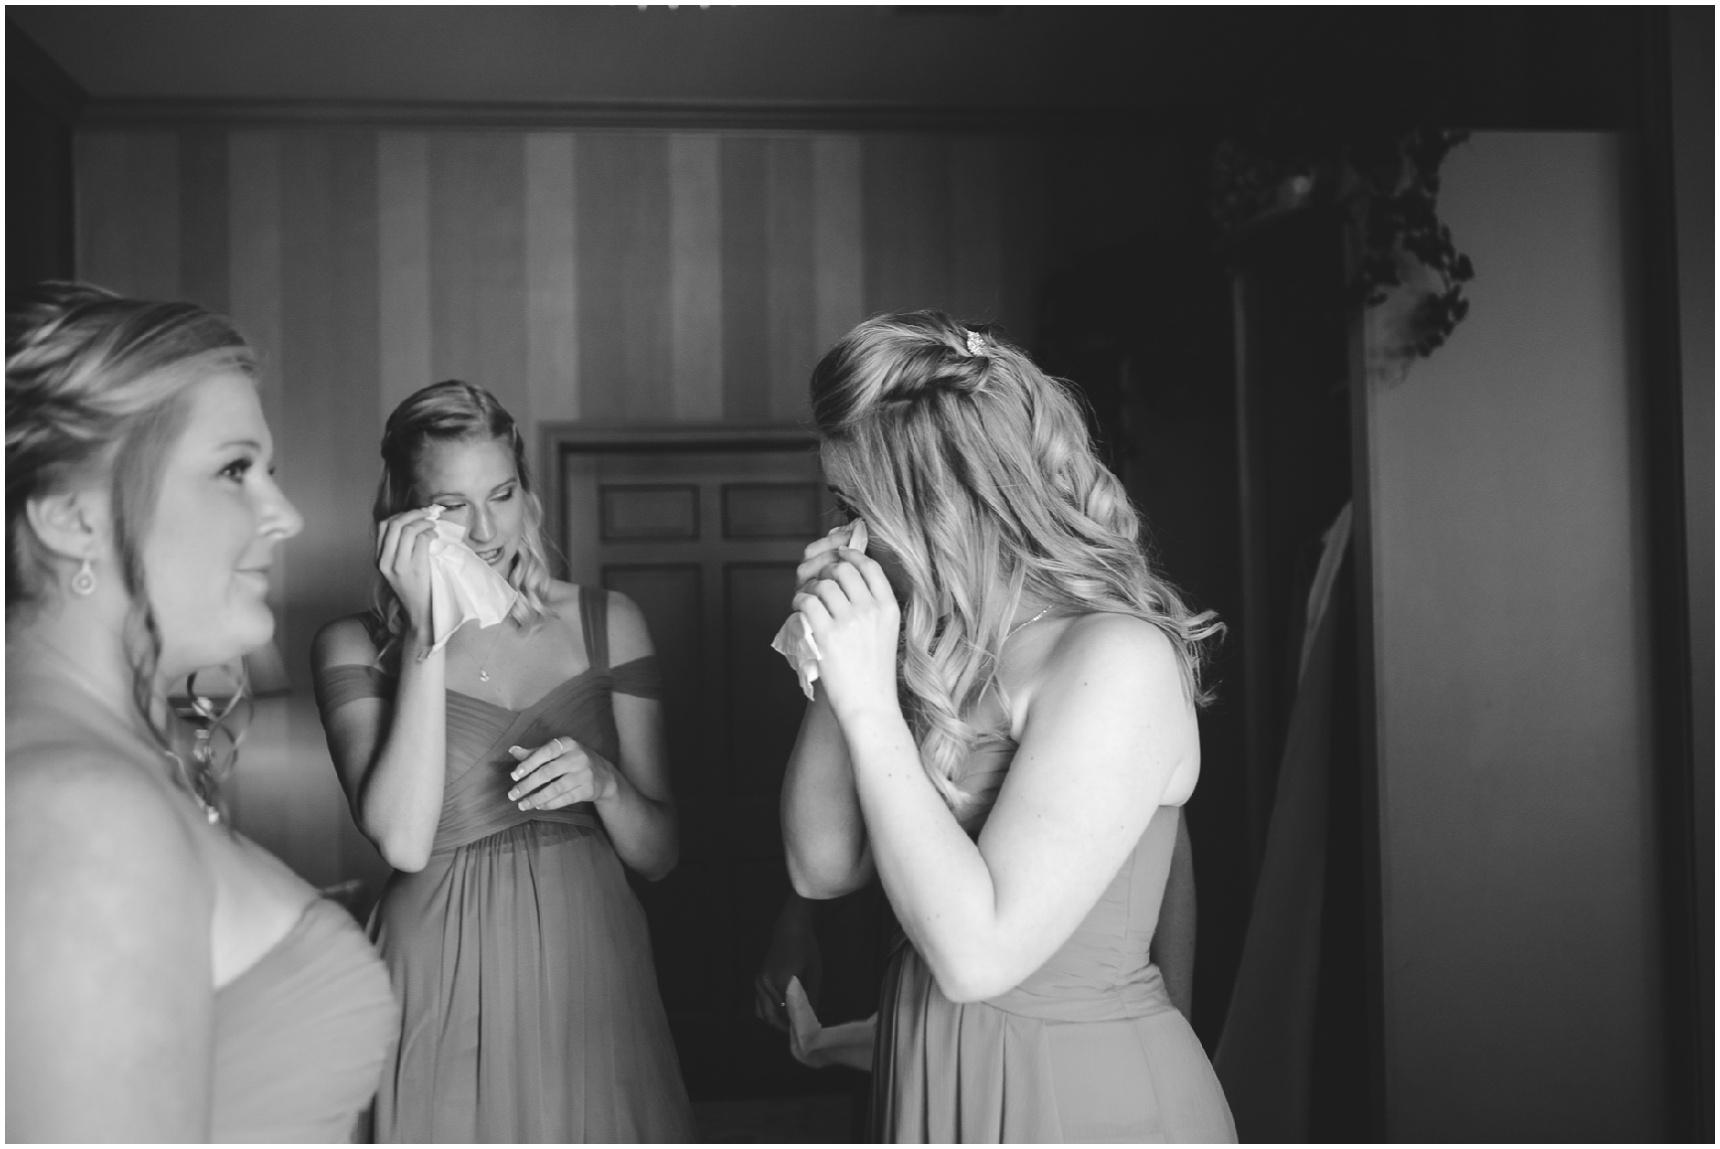 Buffalo-Avanti-Wedding-Photographer_011.jpg